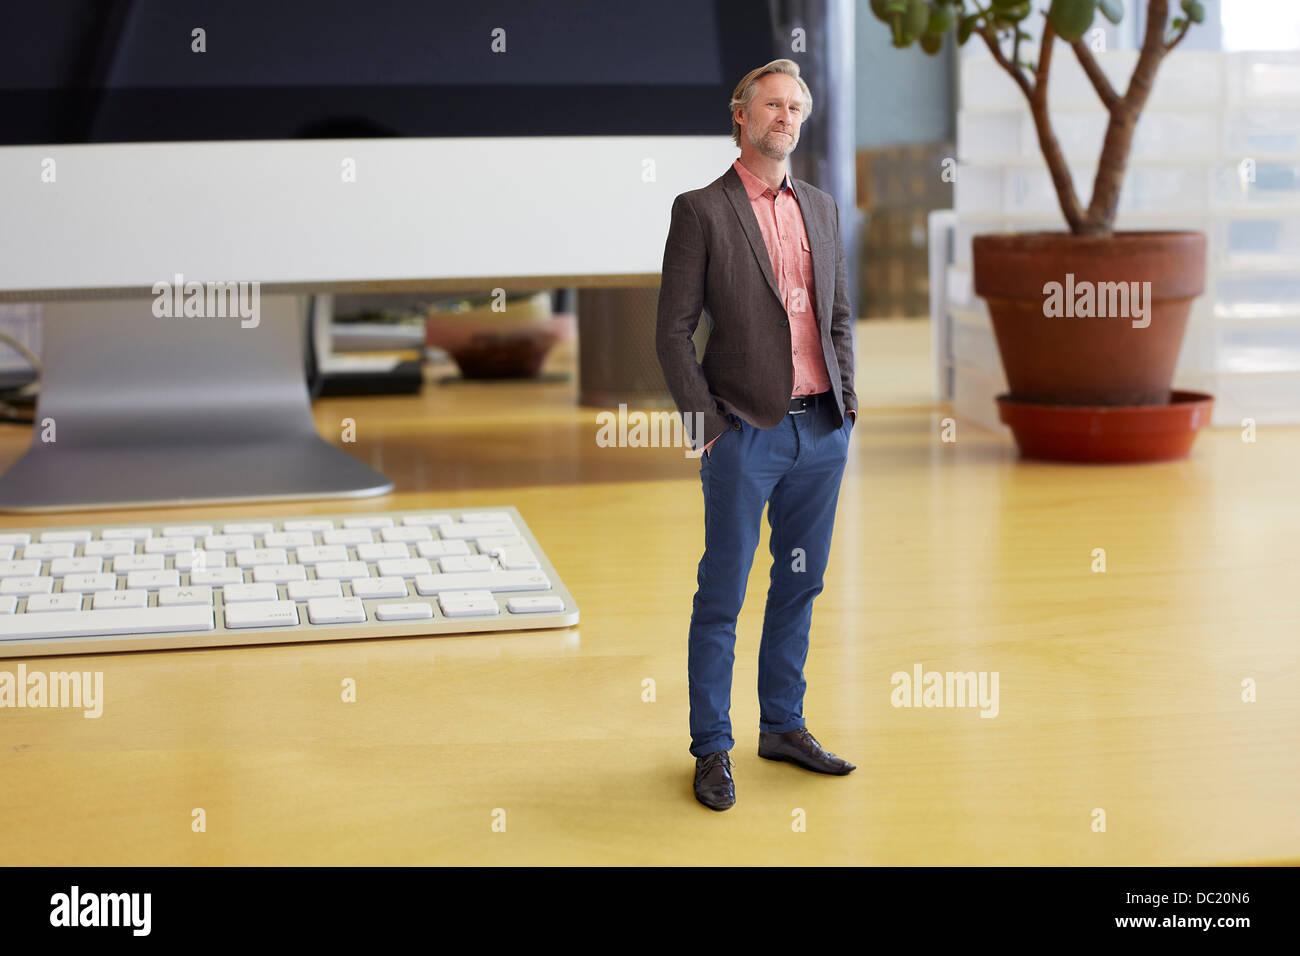 Reife Geschäftsmann auf übergroße Schreibtisch stehend Stockbild